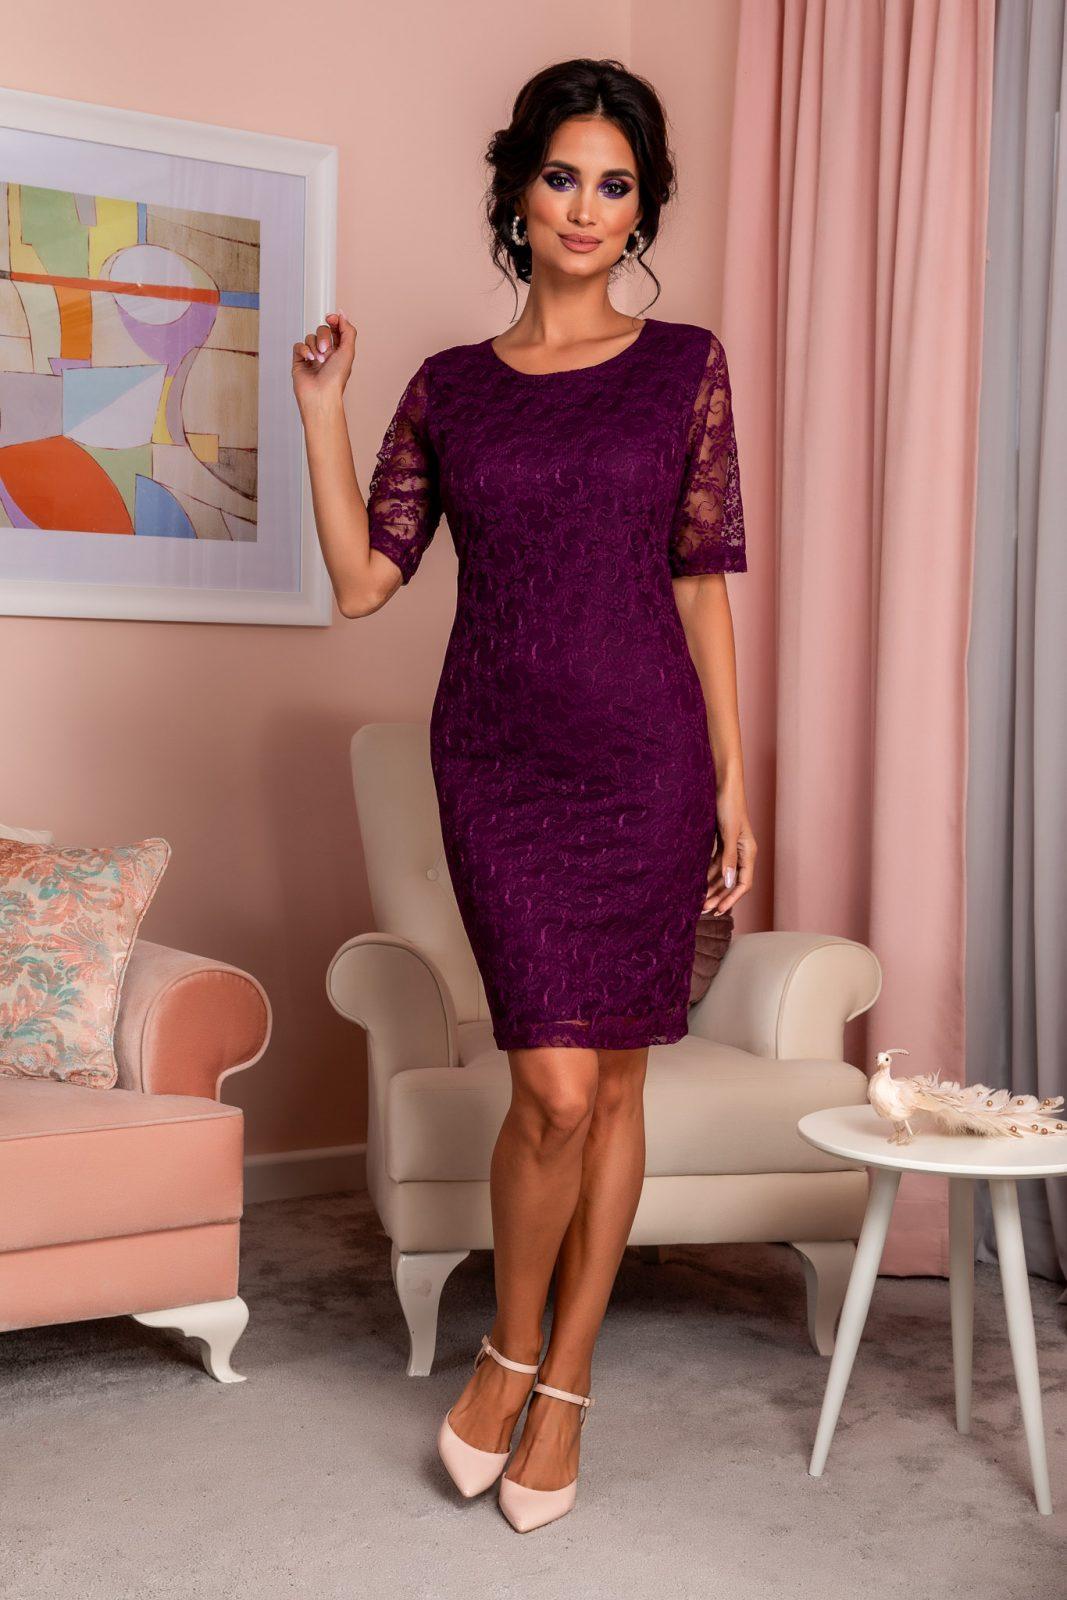 Verra Violet Dress